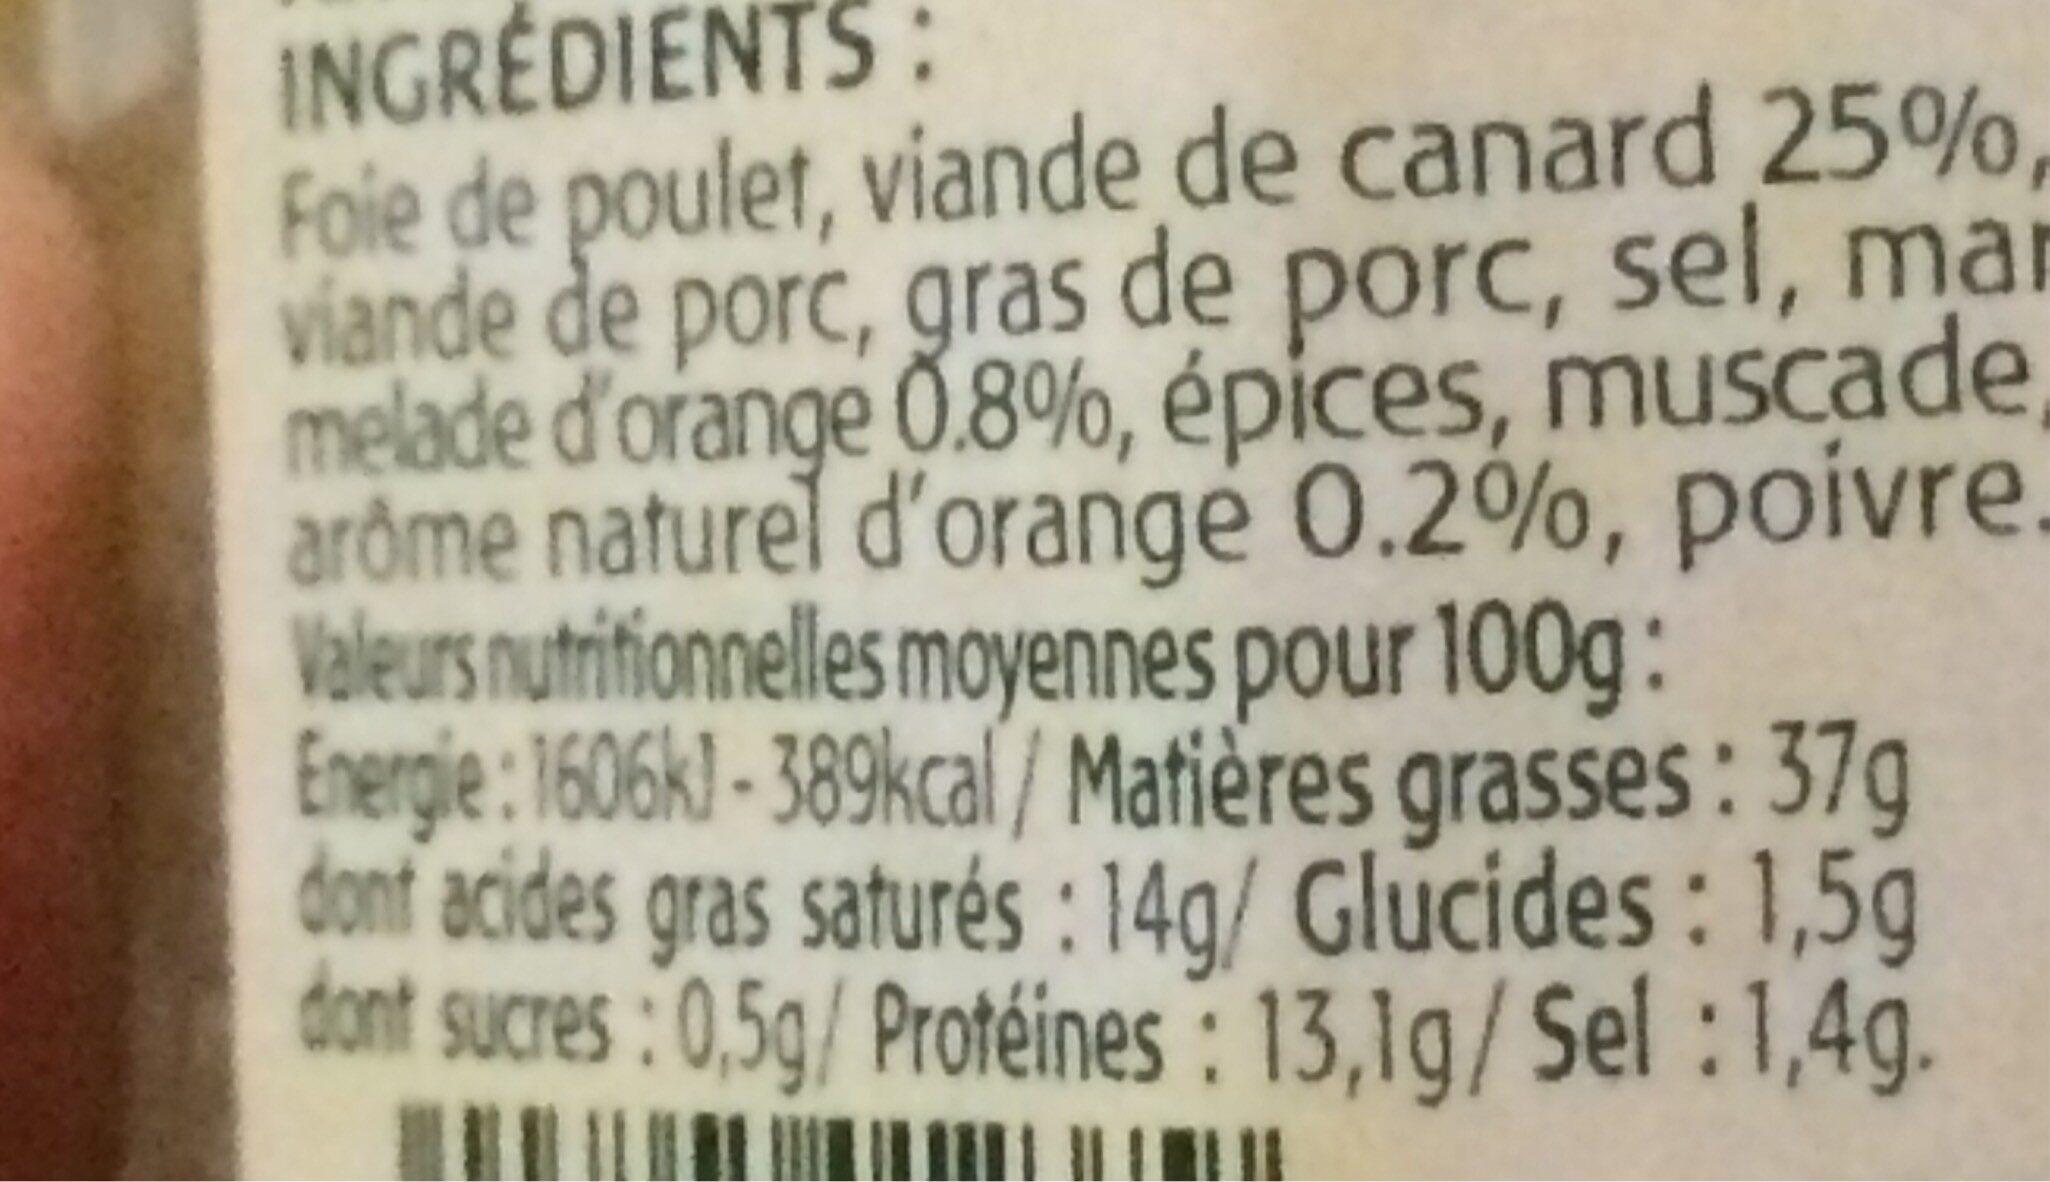 Terrine de canard aromatisée àl'orange - Informations nutritionnelles - fr